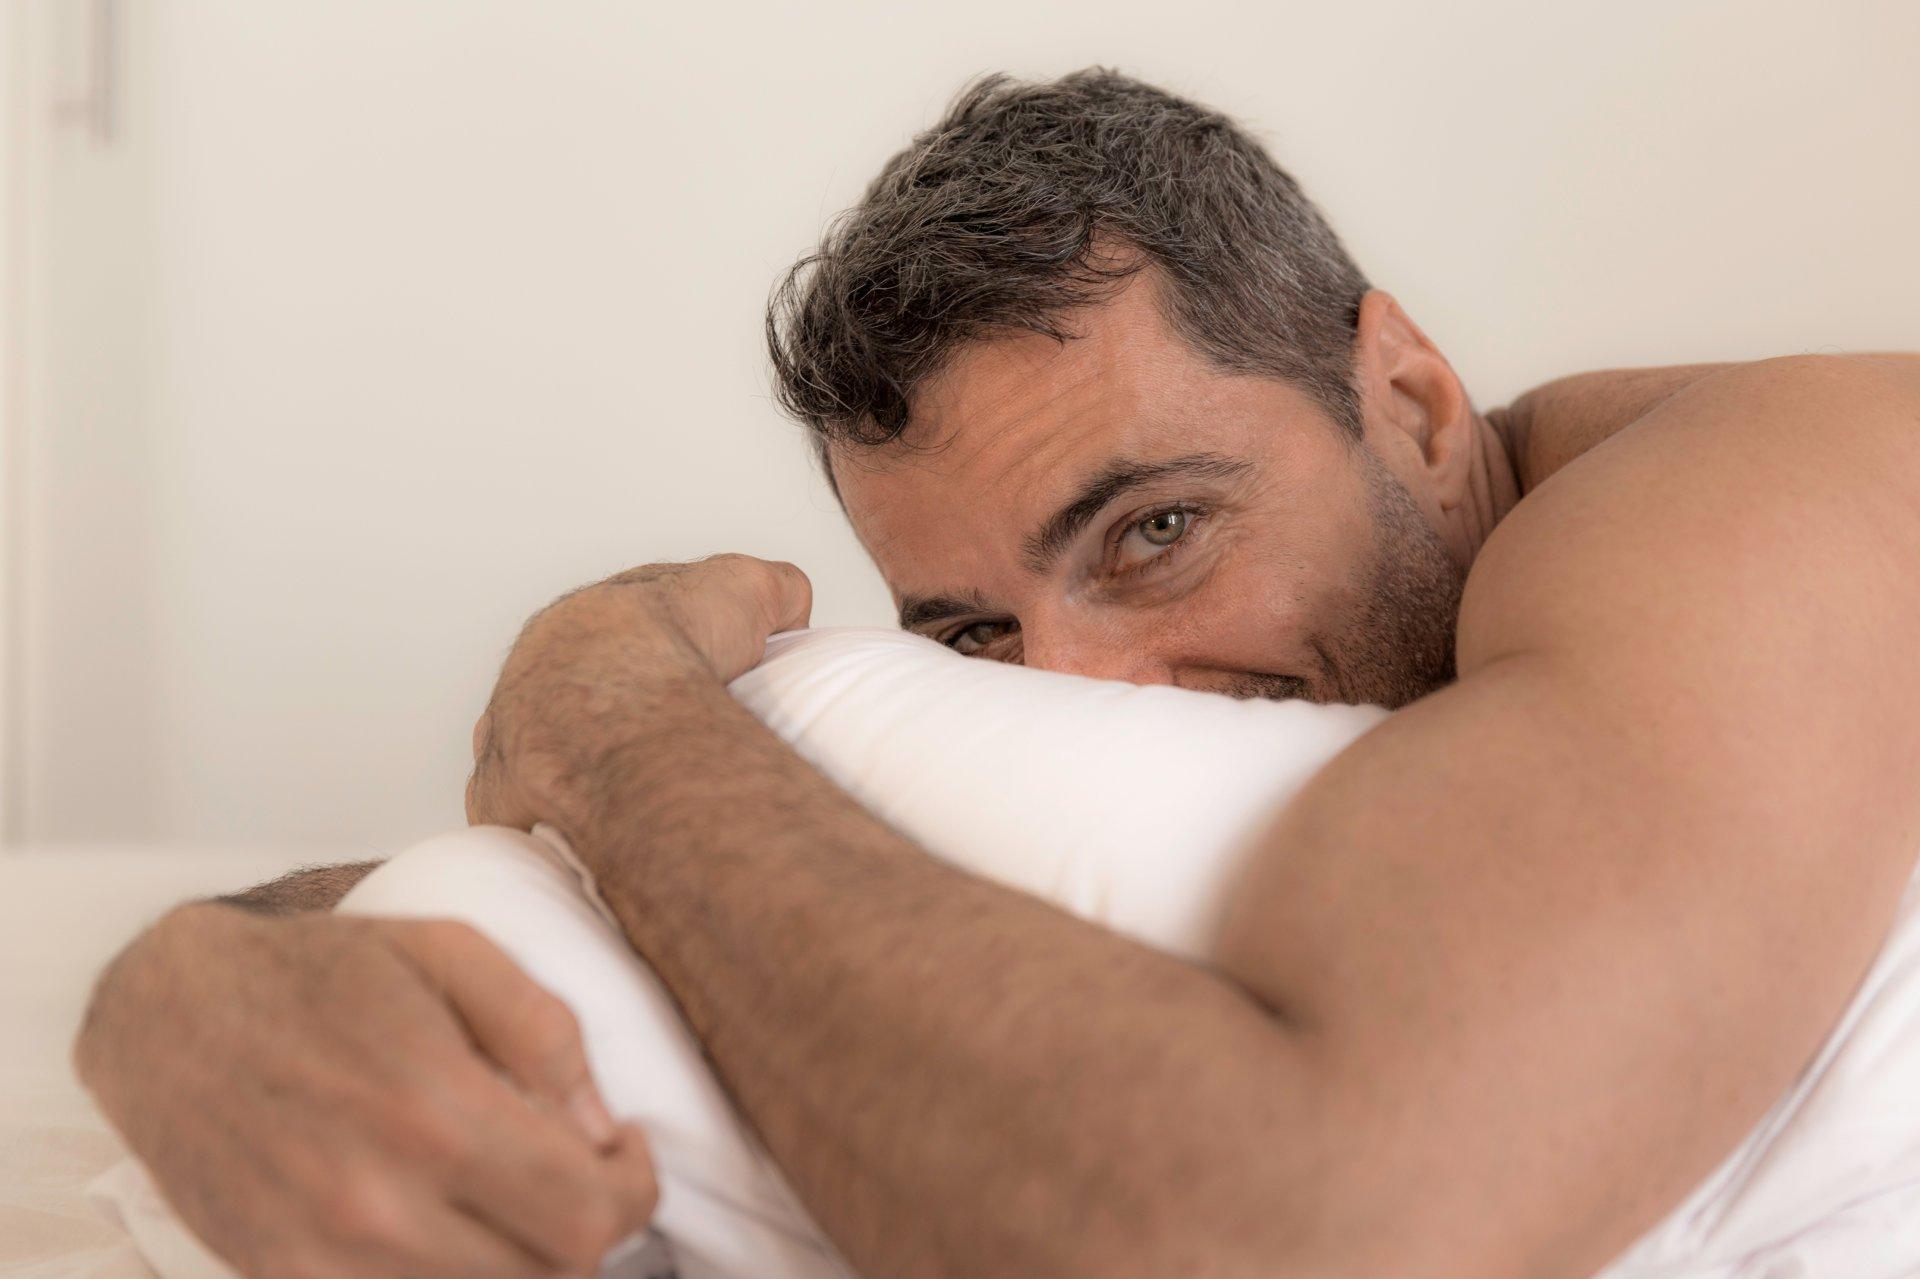 knyga didinti nario kaip sulėtinti erekciją